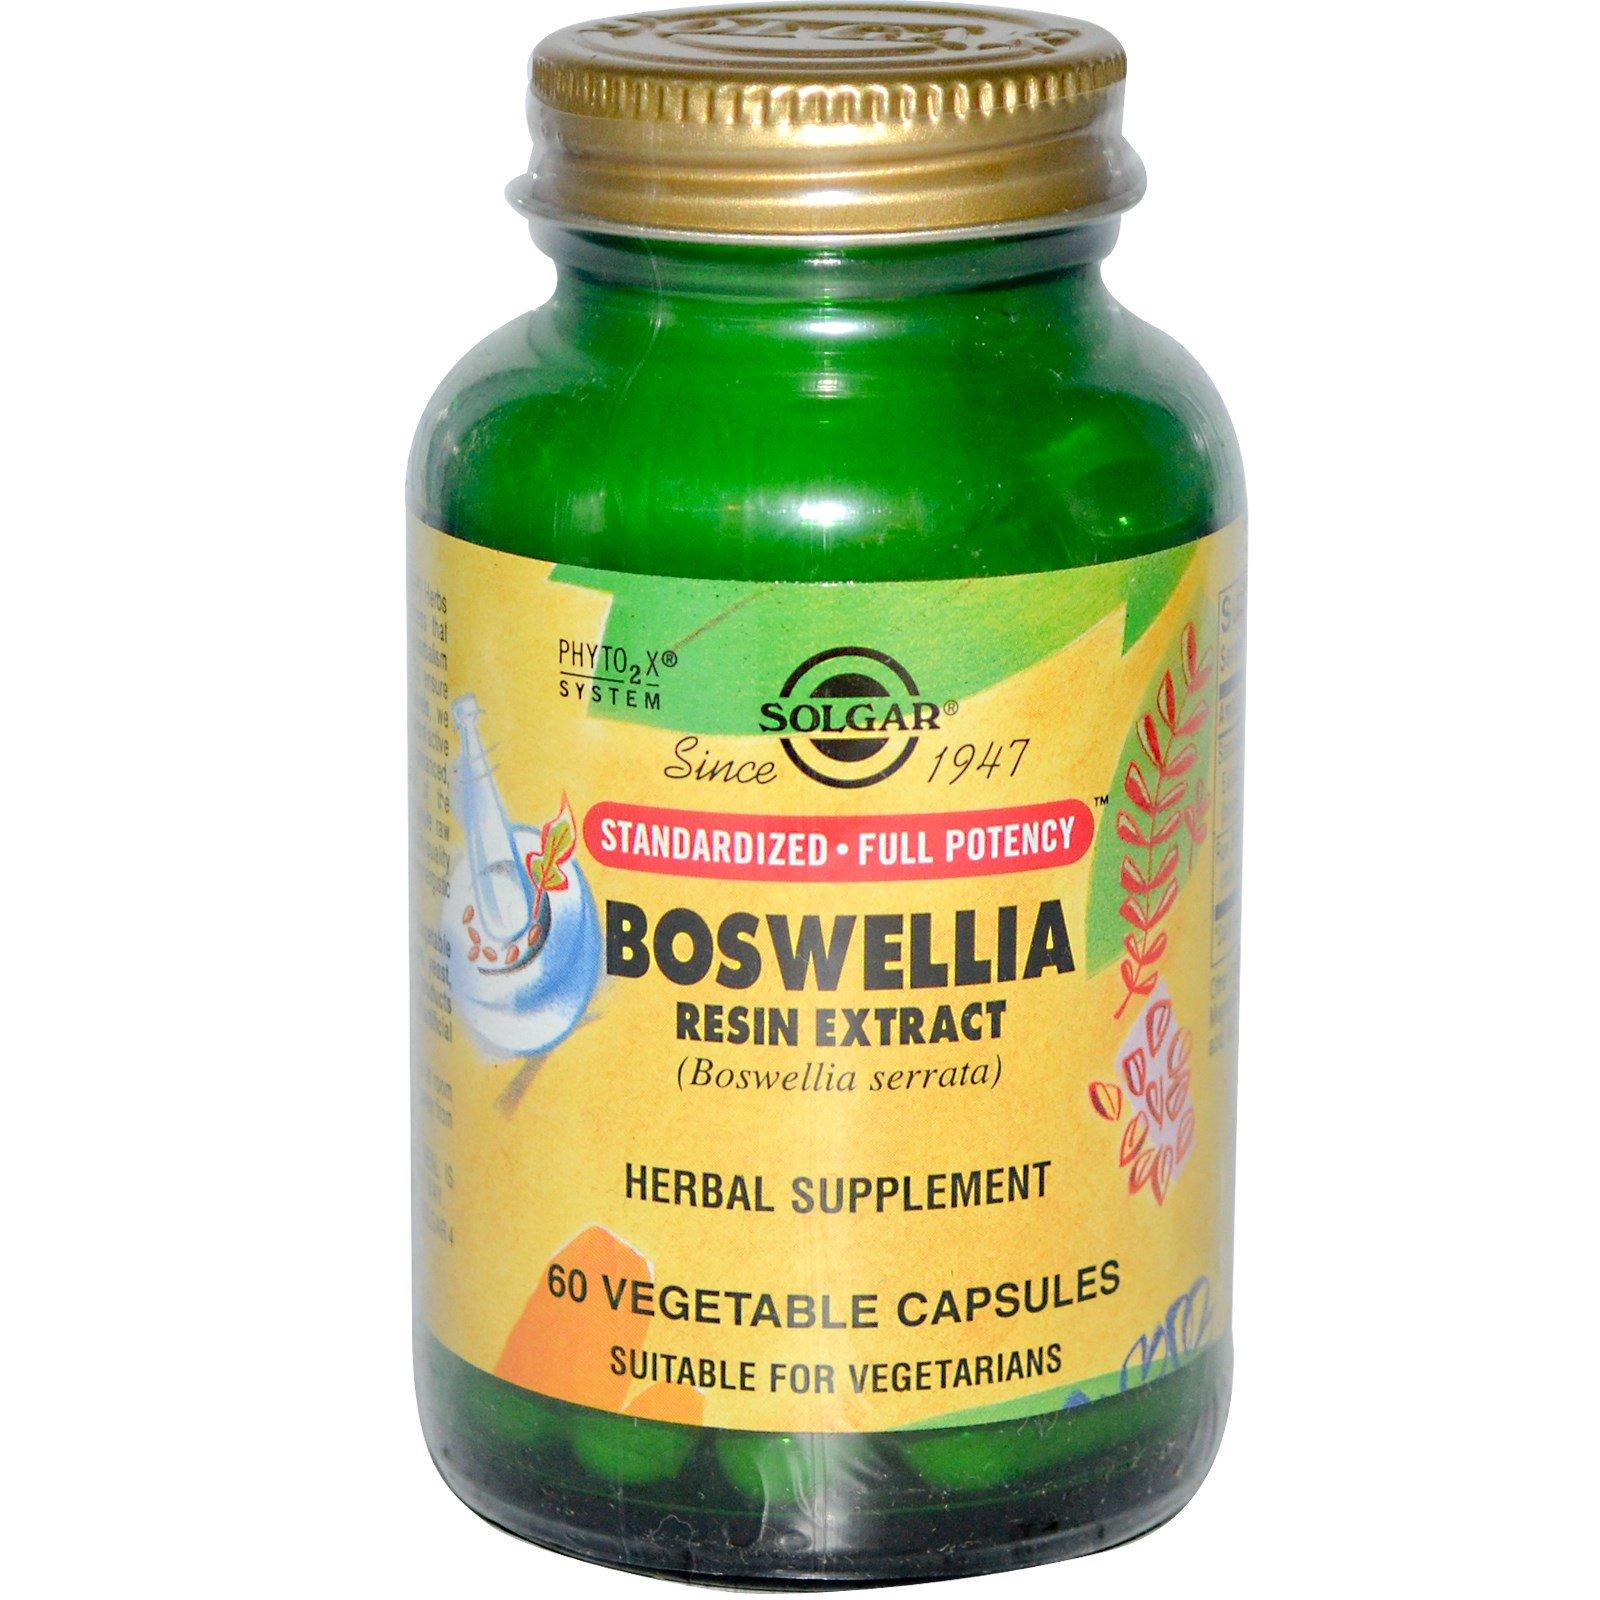 Bosweilla